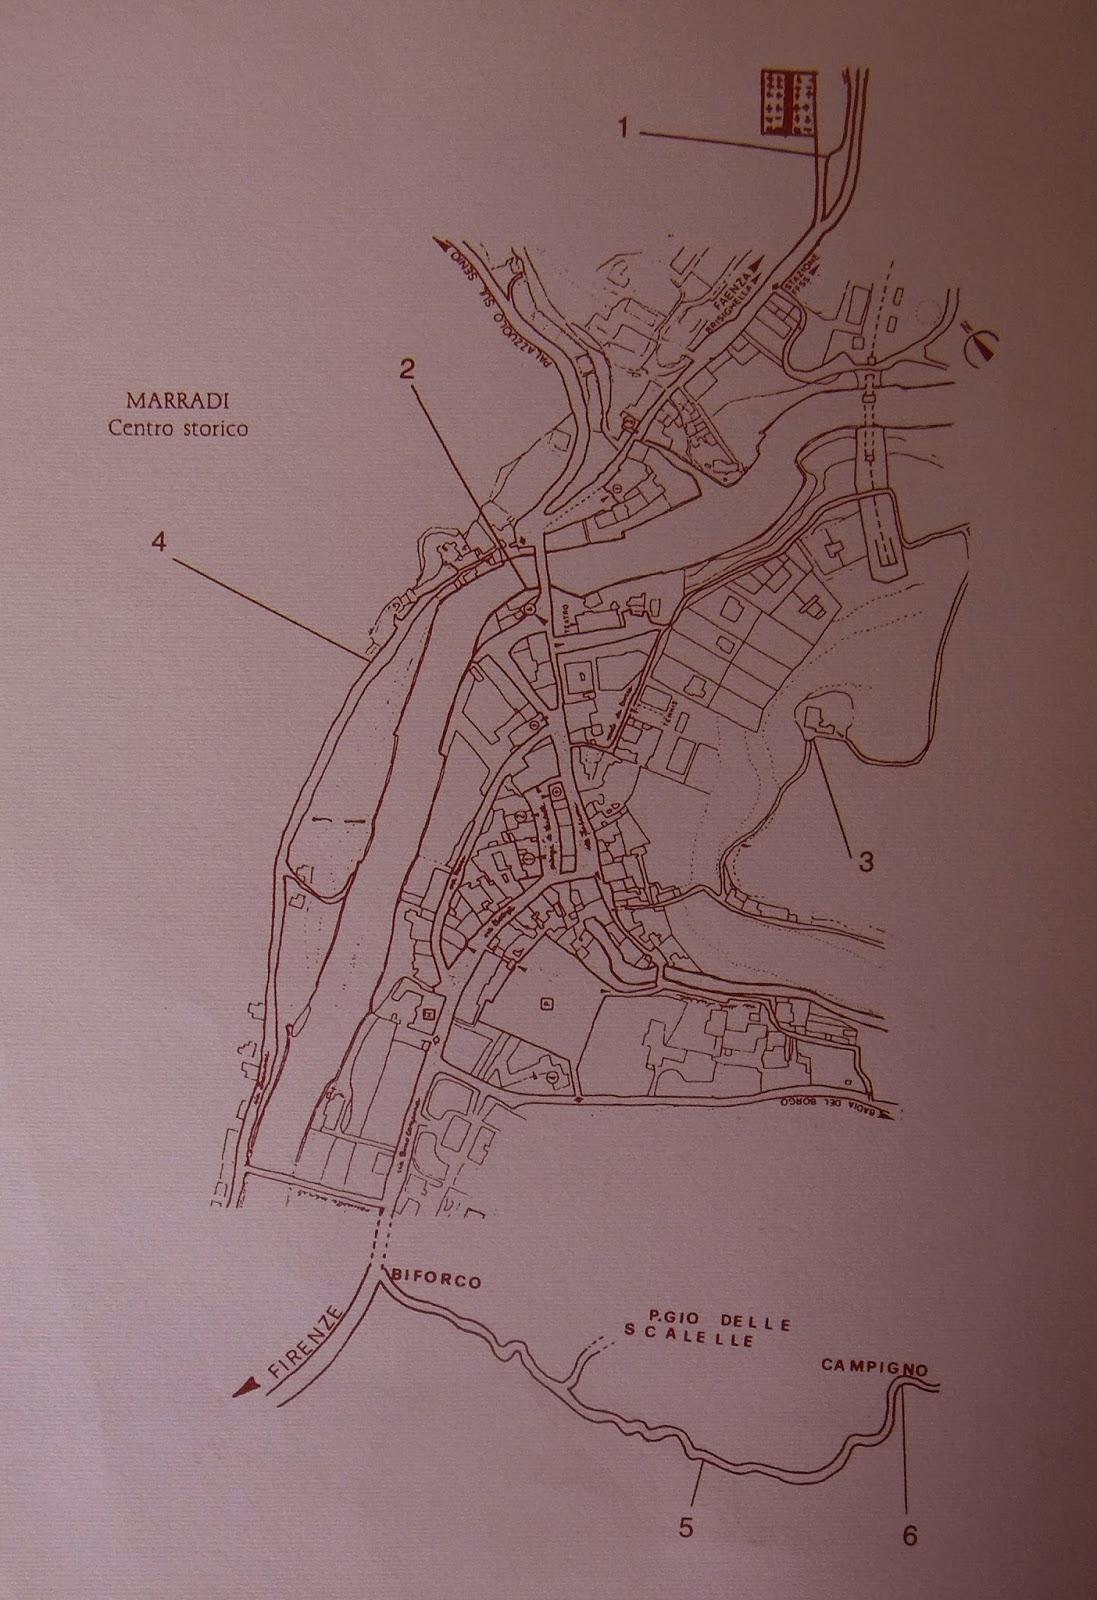 Il blog della biblioteca di marradi in giro per marradi for Planimetrie del paese di collina